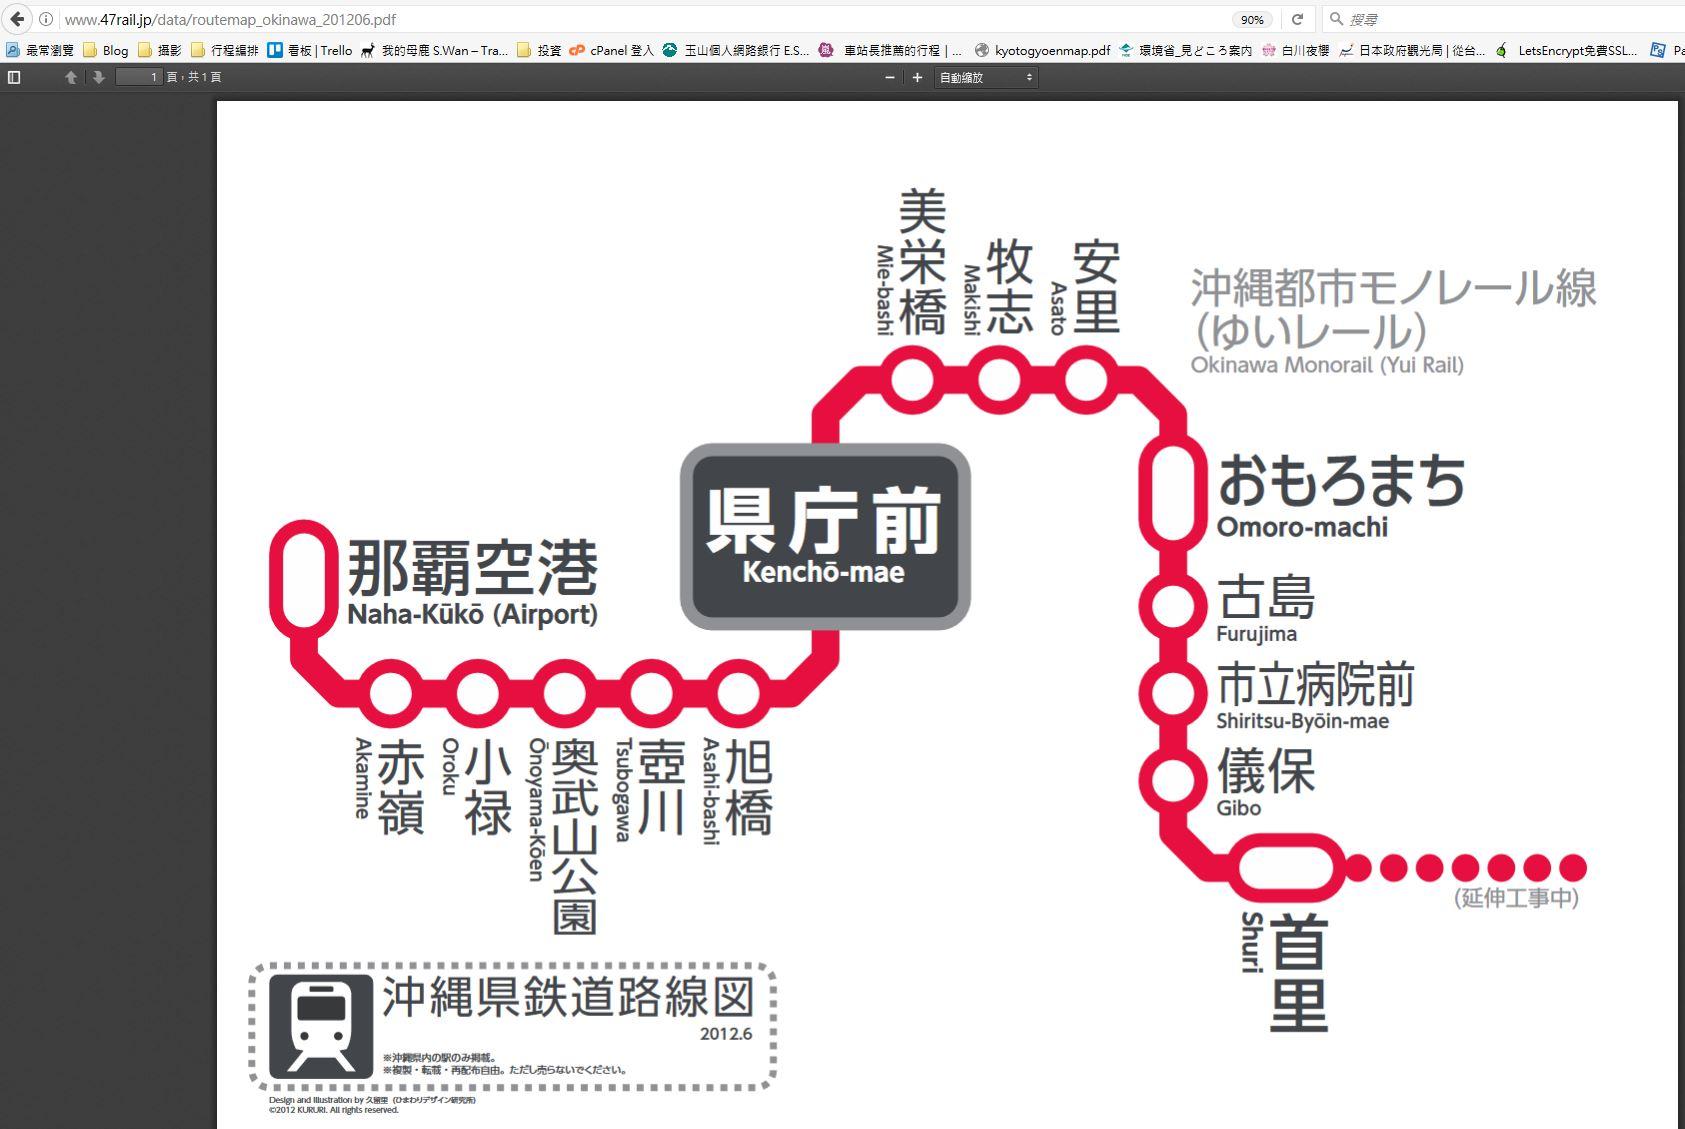 鐵道路線圖線上使用